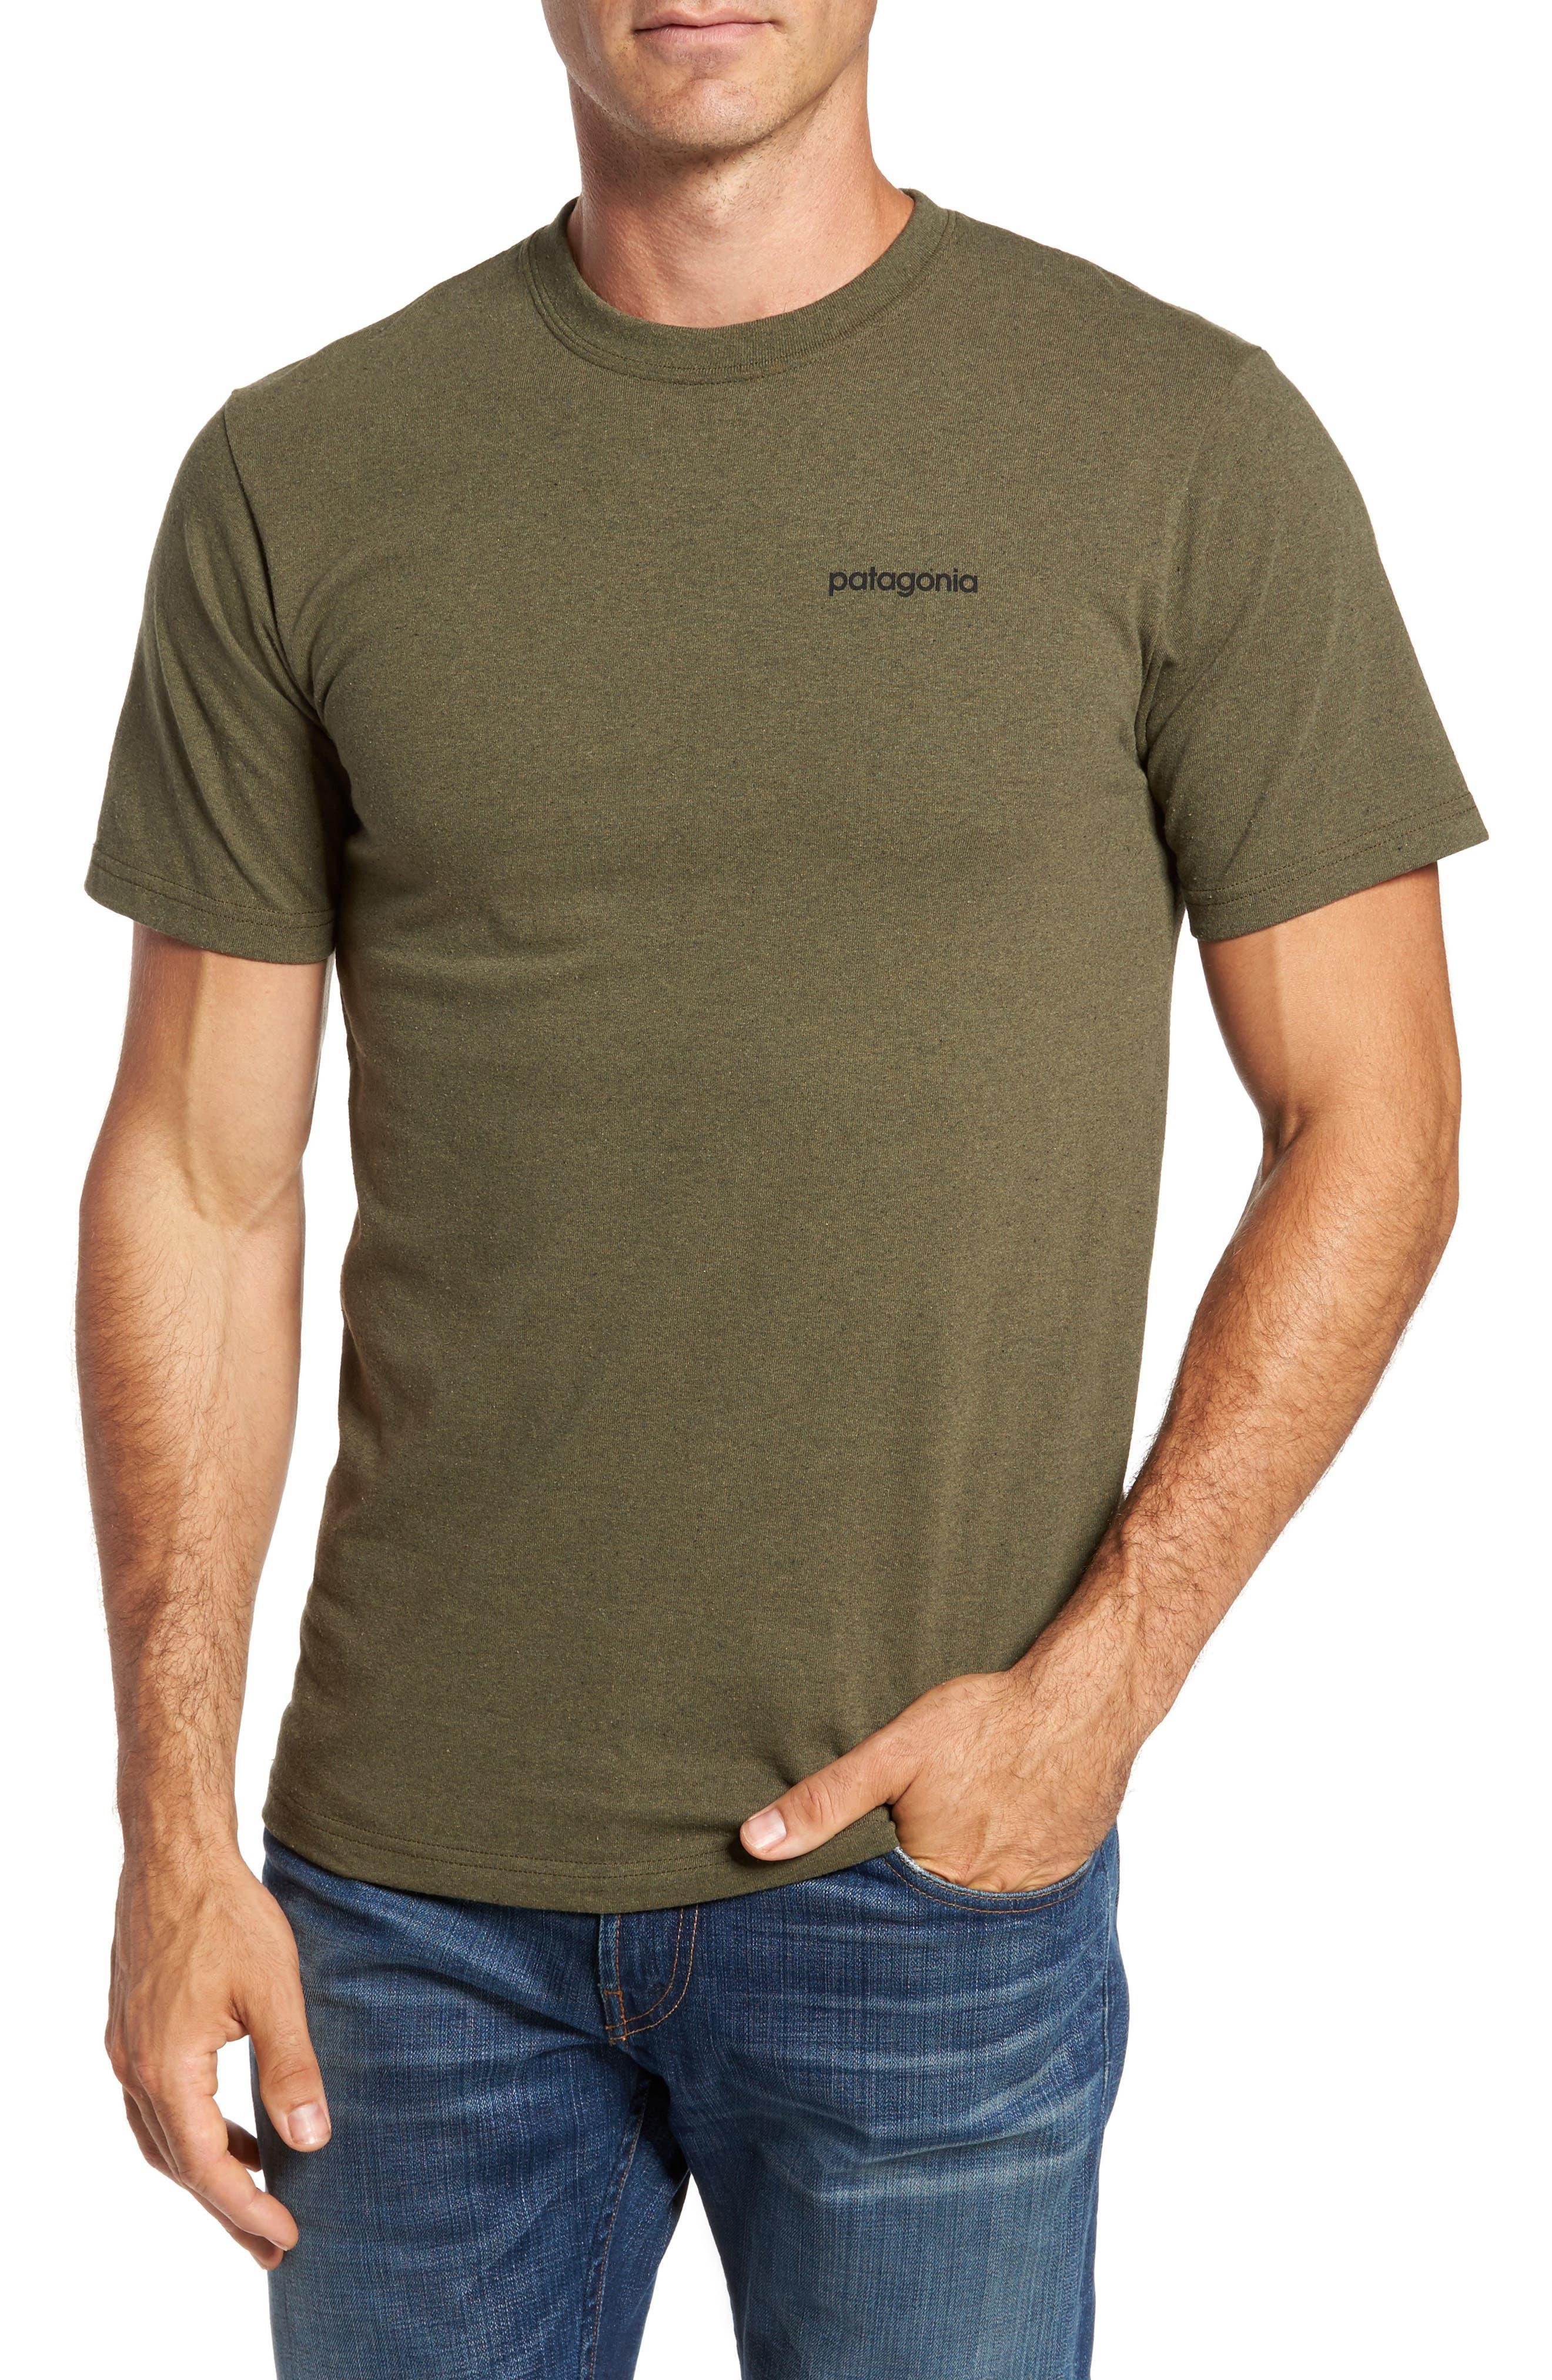 Patagonia Line Regular Fit Logo T-Shirt